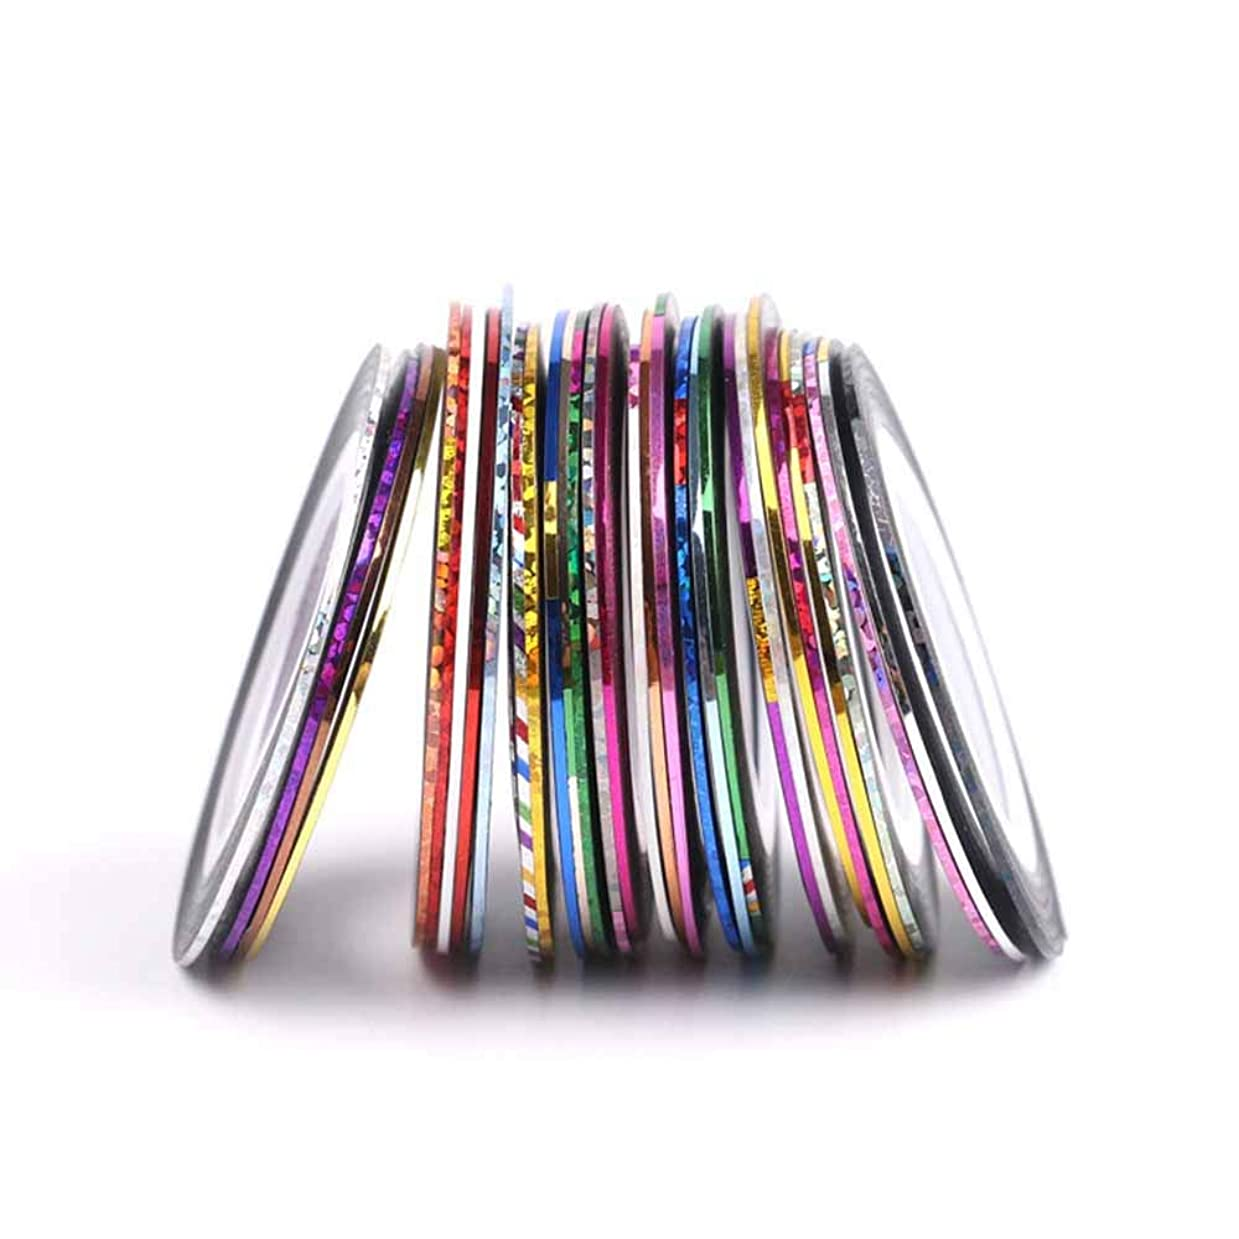 機械的観点卵OSOGODE(オソグド) ネイルアート用 ラインテープ 30色セット マニキュア ネイルアートツール ラインアートテープ ネイルケアセット